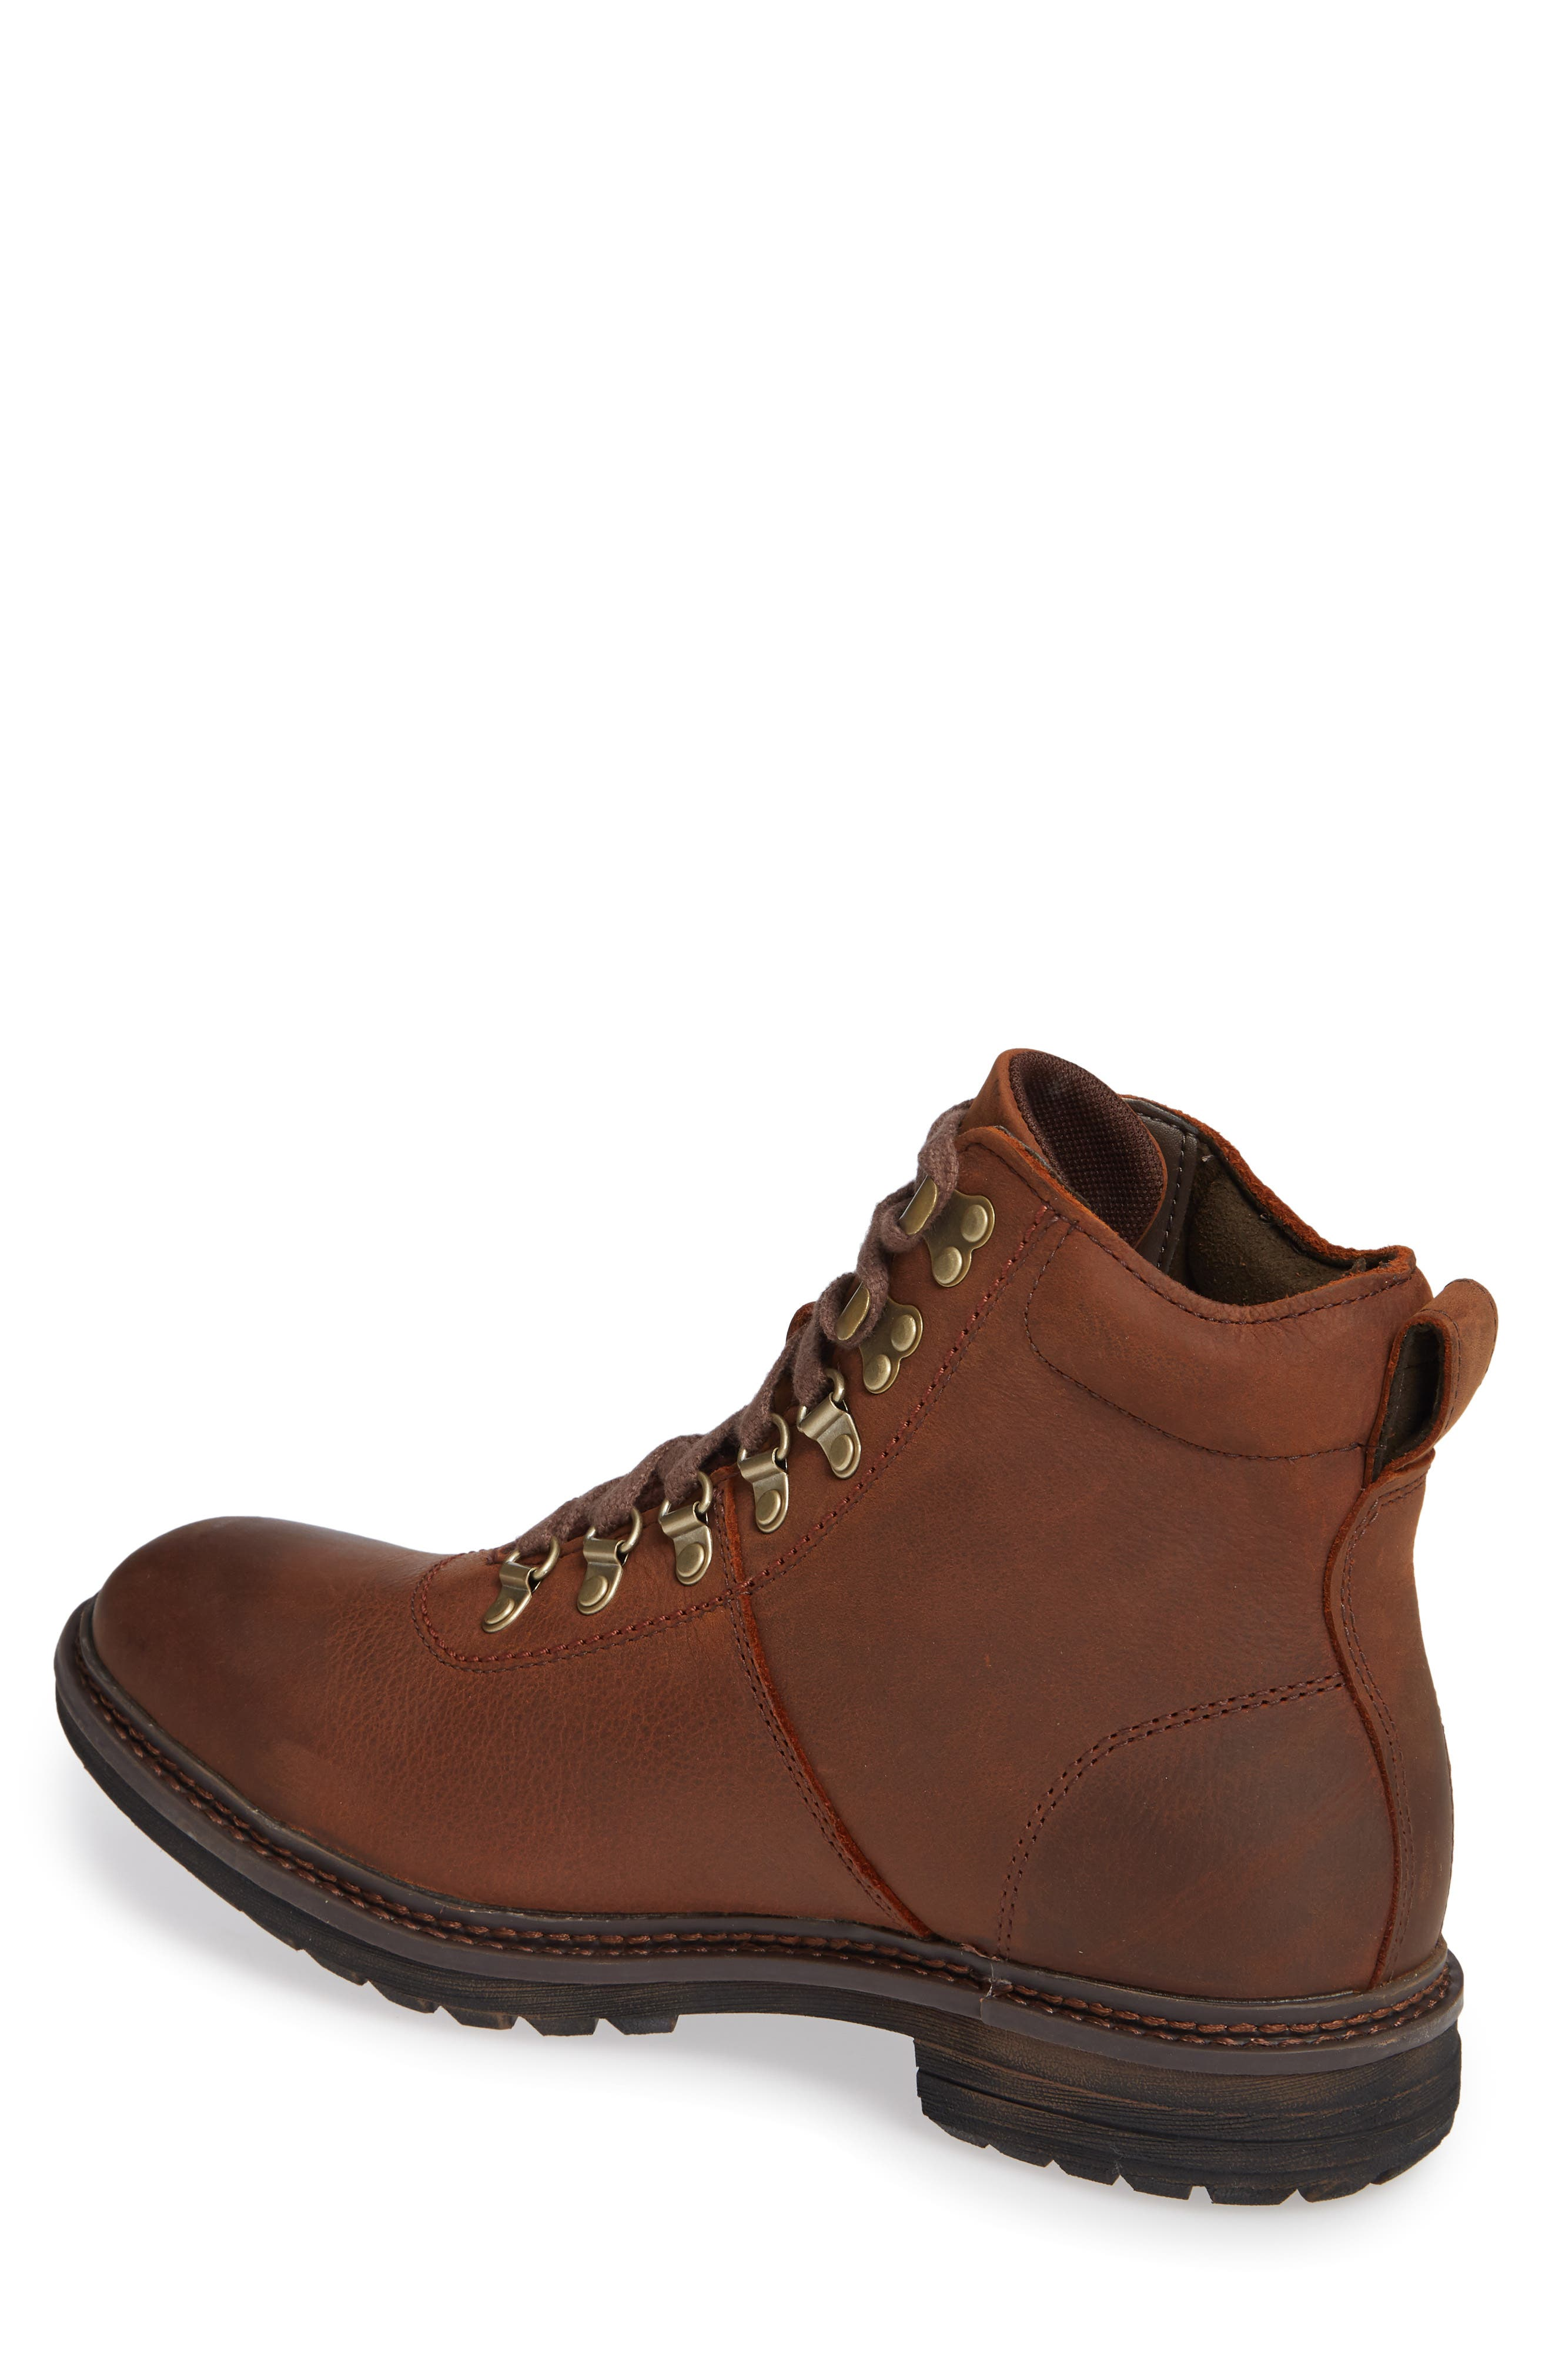 Logan Bay Water Resistant Alpine Hiker Boot,                             Alternate thumbnail 2, color,                             210